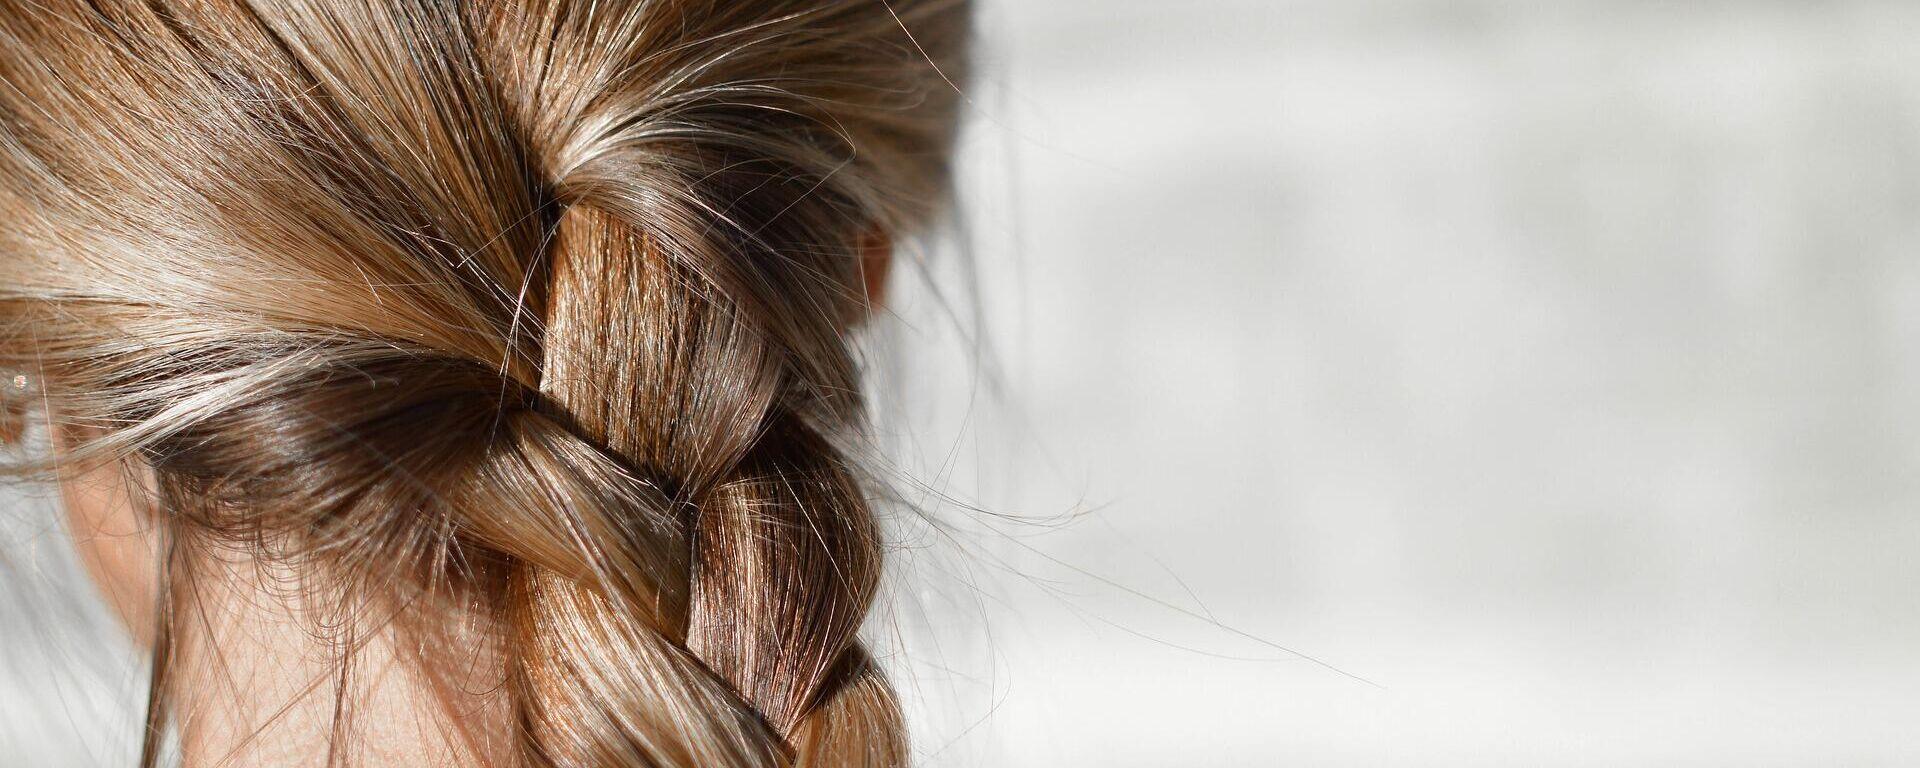 Μαλλιά κοτσίδα - Αλογοουρά - Sputnik Ελλάδα, 1920, 20.09.2021